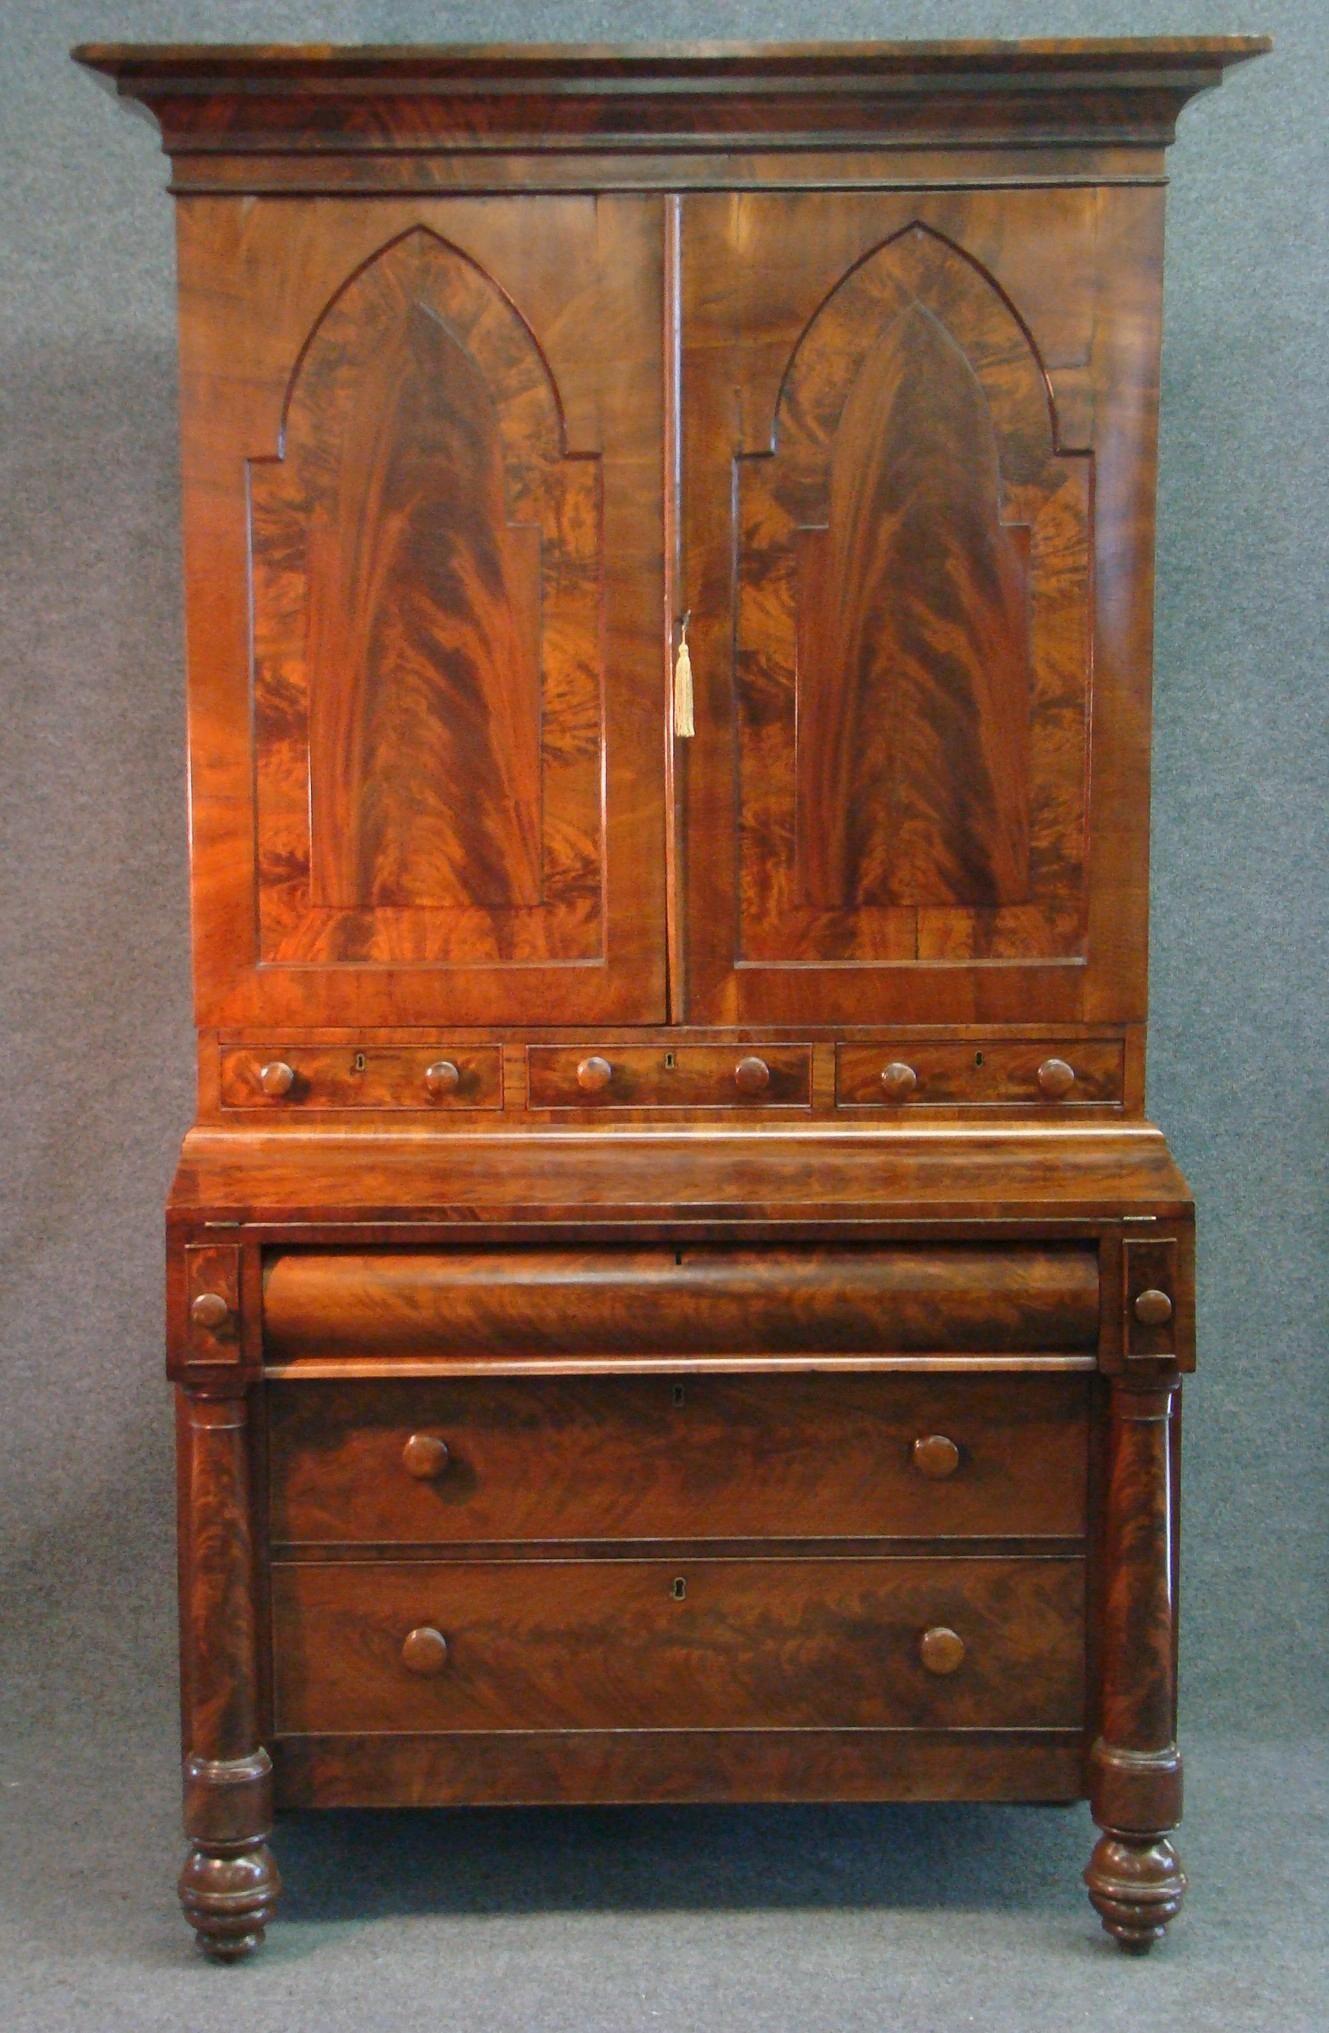 english slant front desk completed furniture desks secretaries   ... Antique  Furniture » Antique - English Slant Front Desk Completed Furniture Desks Secretaries